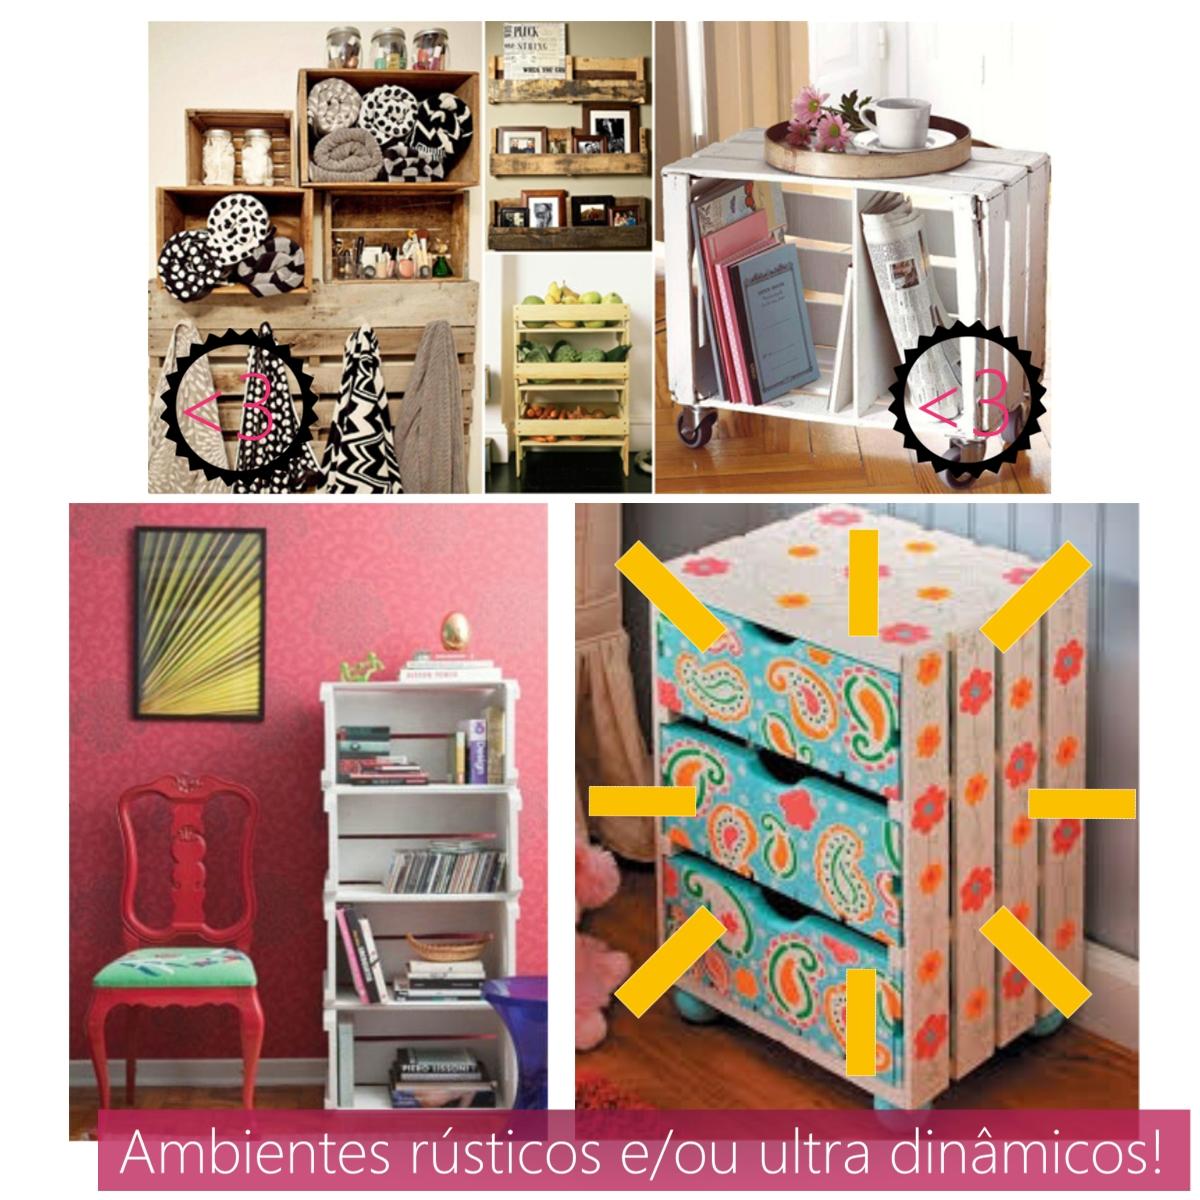 Bonequinha de Luxo: Usando caixotes de feira livre na decoração! #C79904 1200x1200